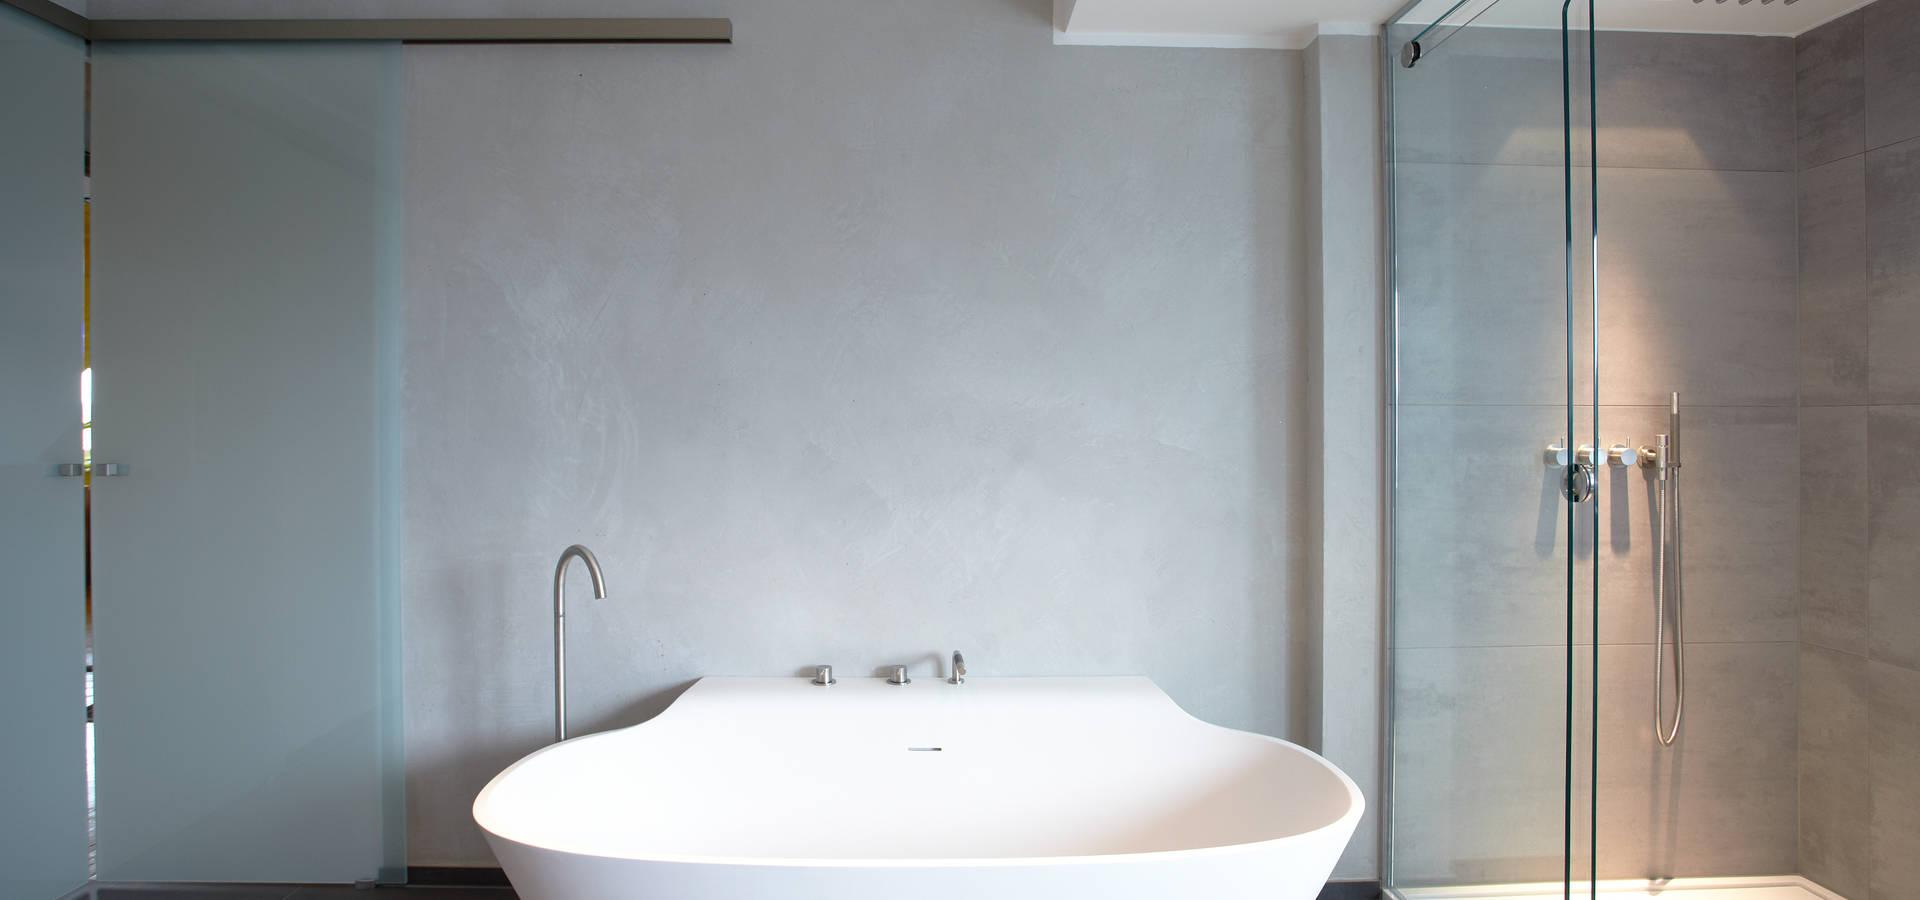 Innenarchitektur Bochum designer bad bochum by raumgespür innenarchitektur design homify